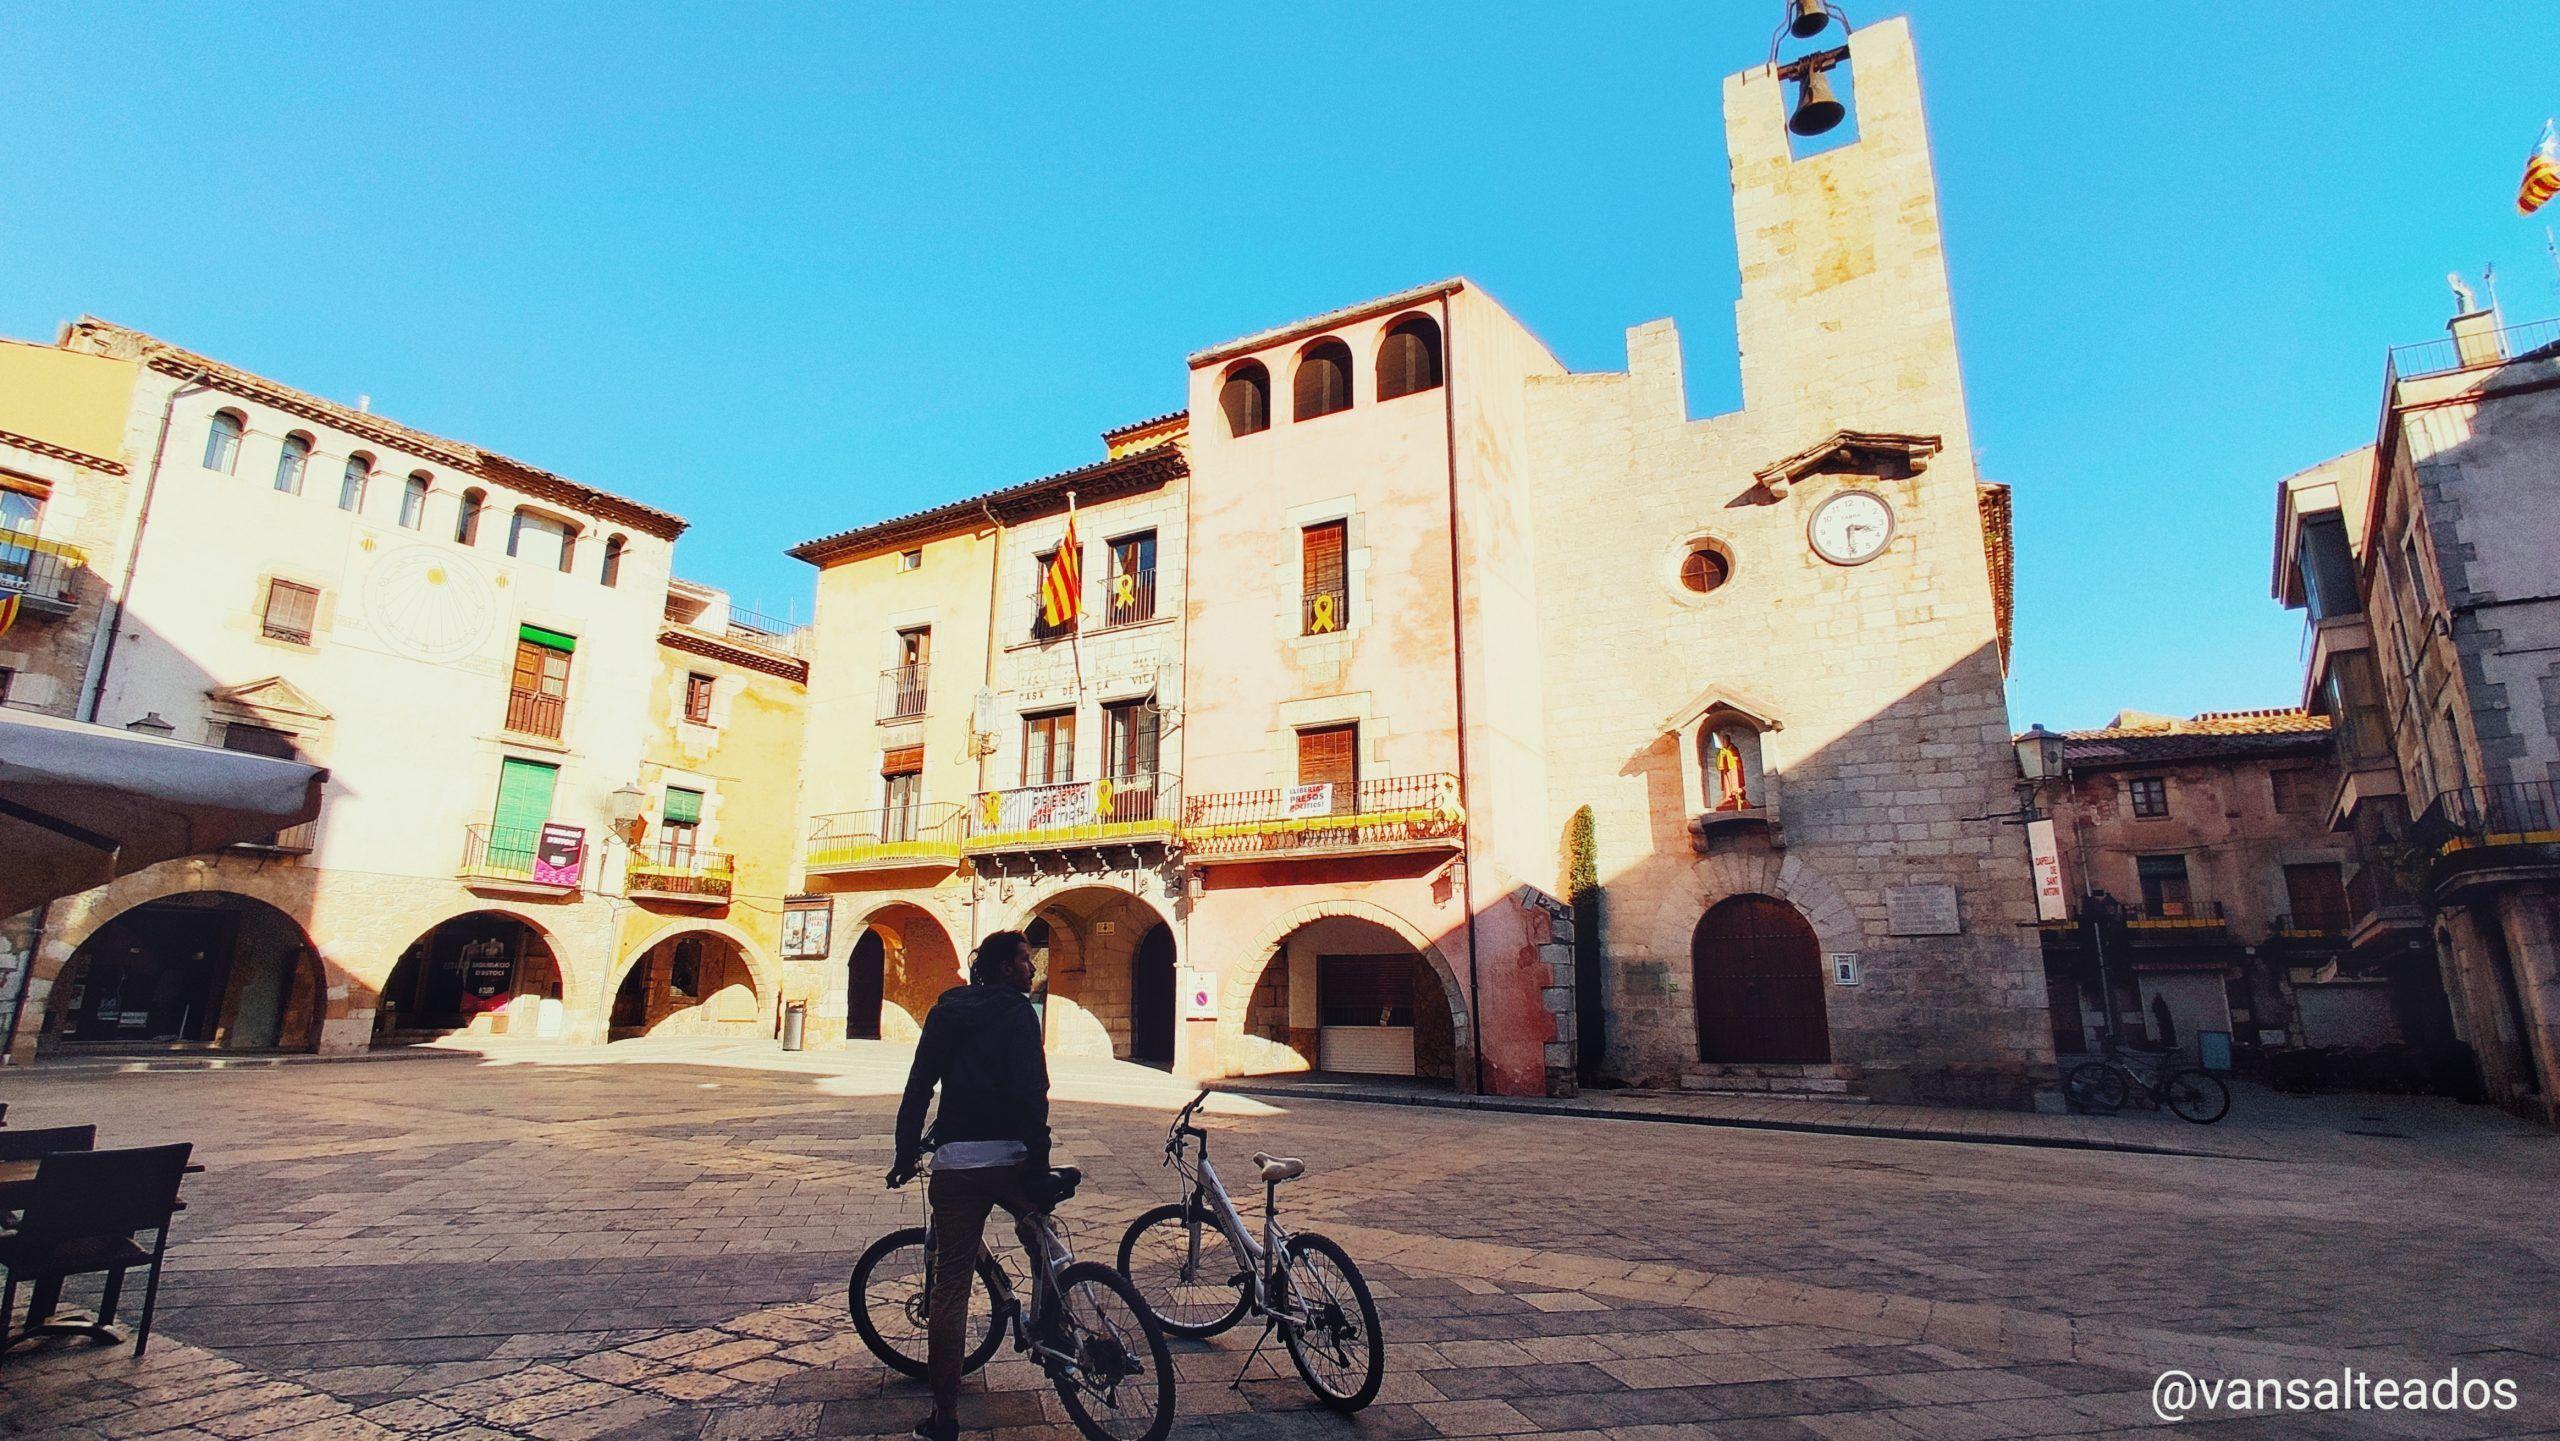 Plaza con edificios y una iglesia en Torroella de Montgrí